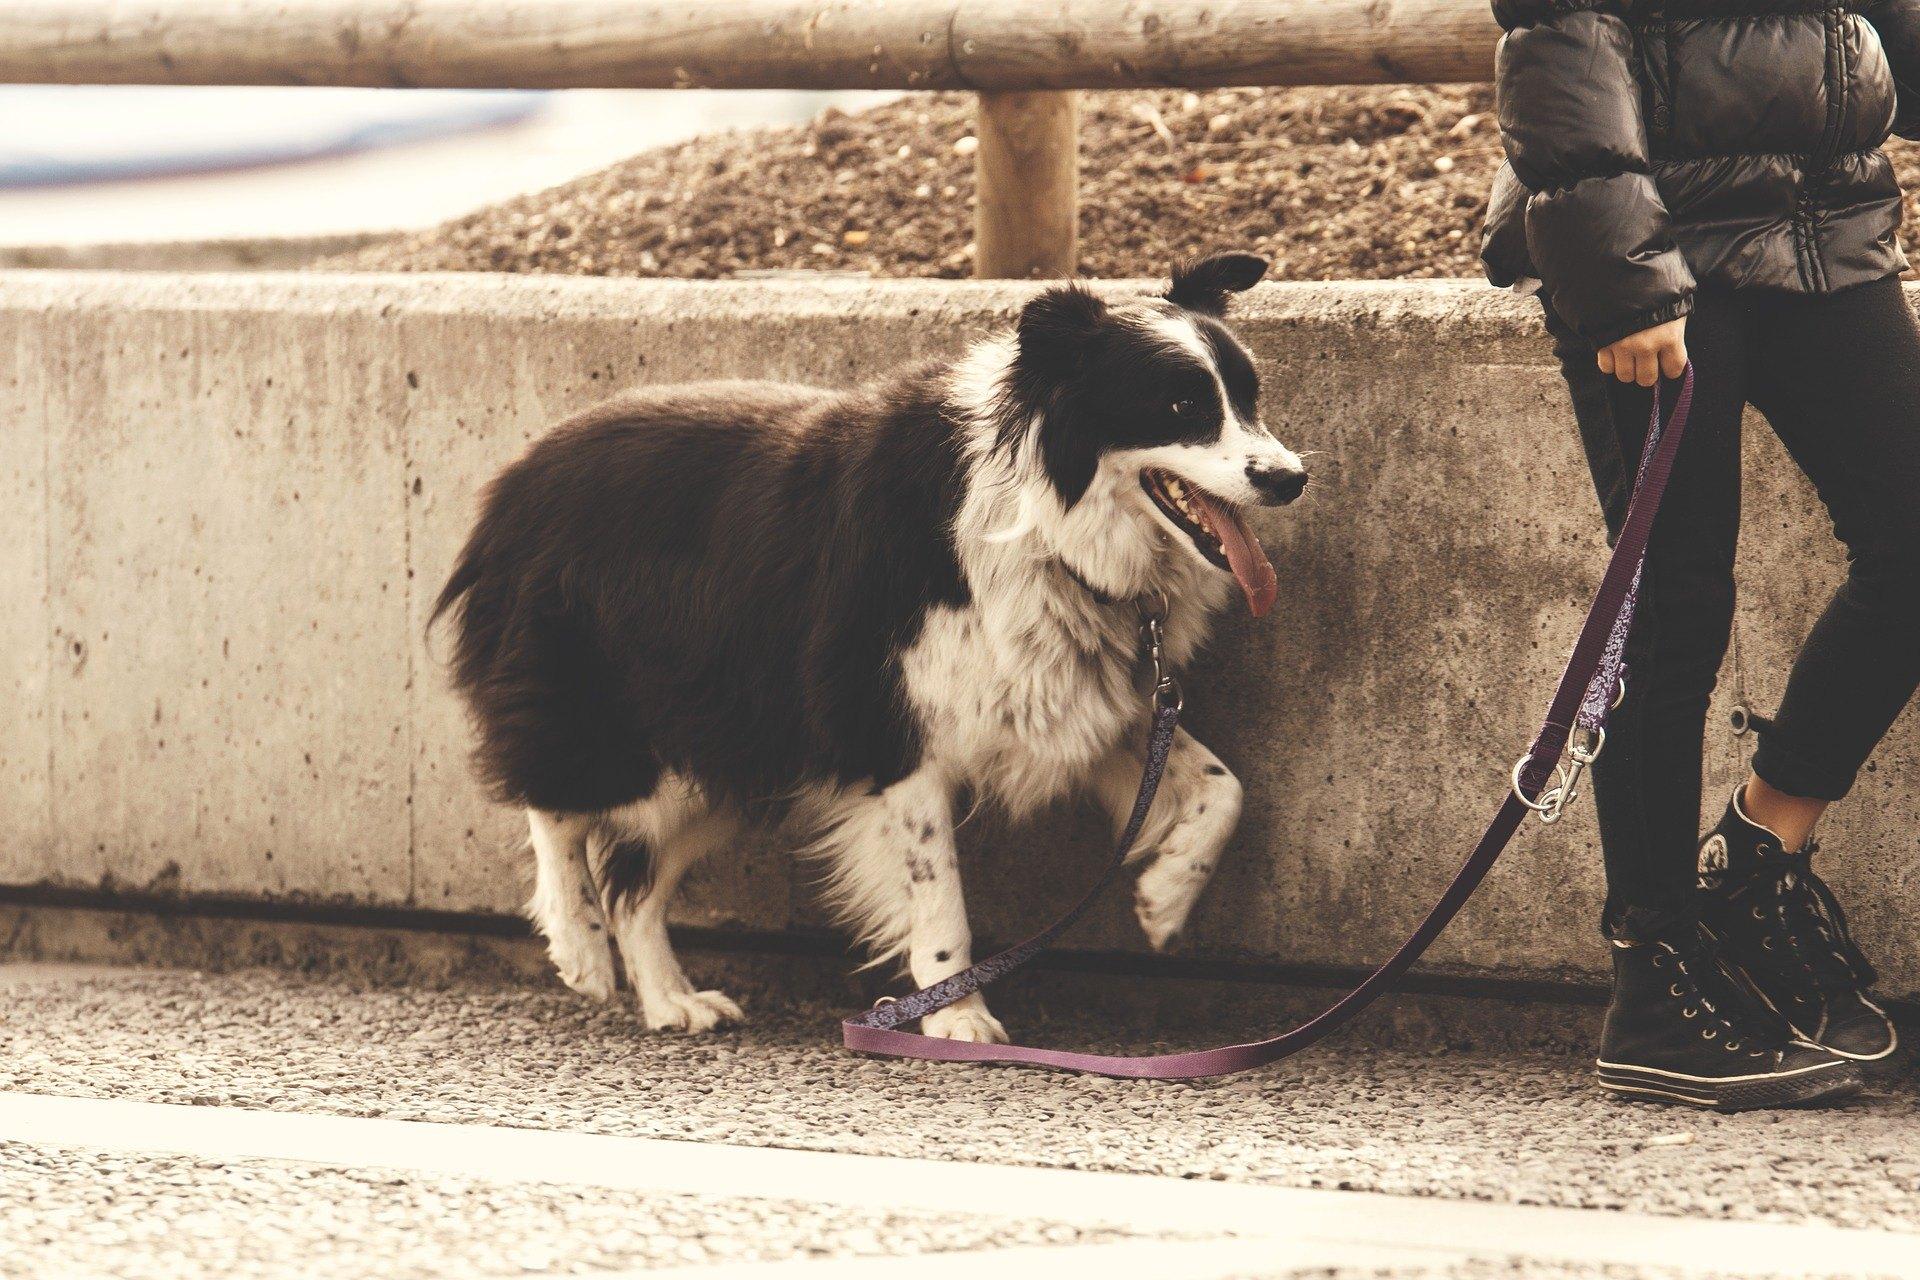 Naučit se chodit se psem na vodítku není snadné. Je to však velmi důležité a prospěšné jak pro pánička, tak pro psa. Umožní vám chodit bez tahání.